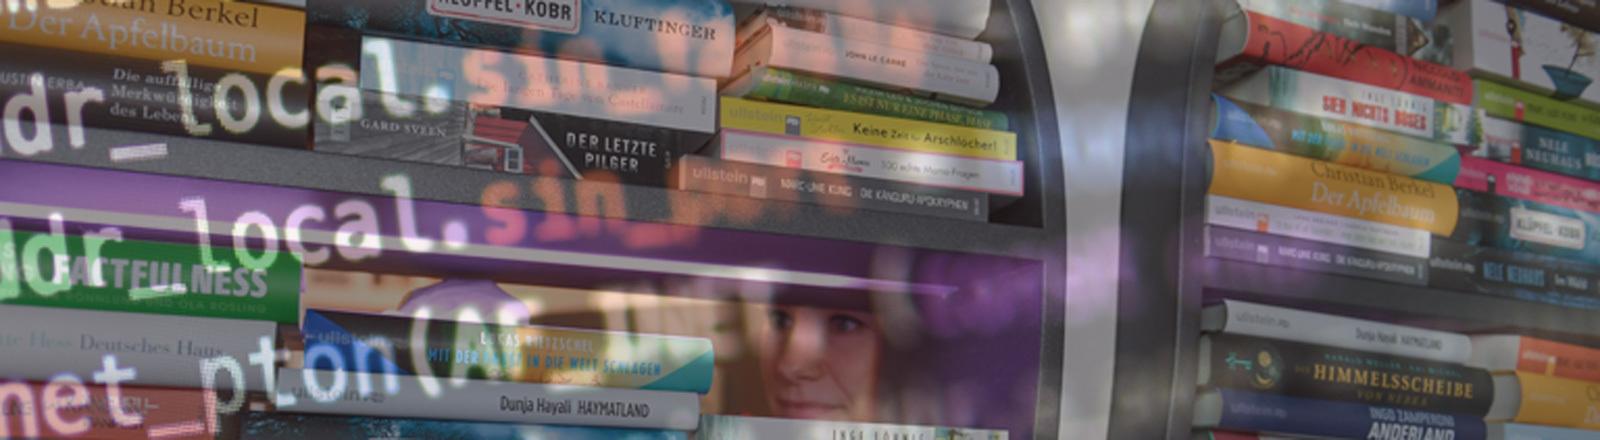 Bücherstapel und Algorithmus